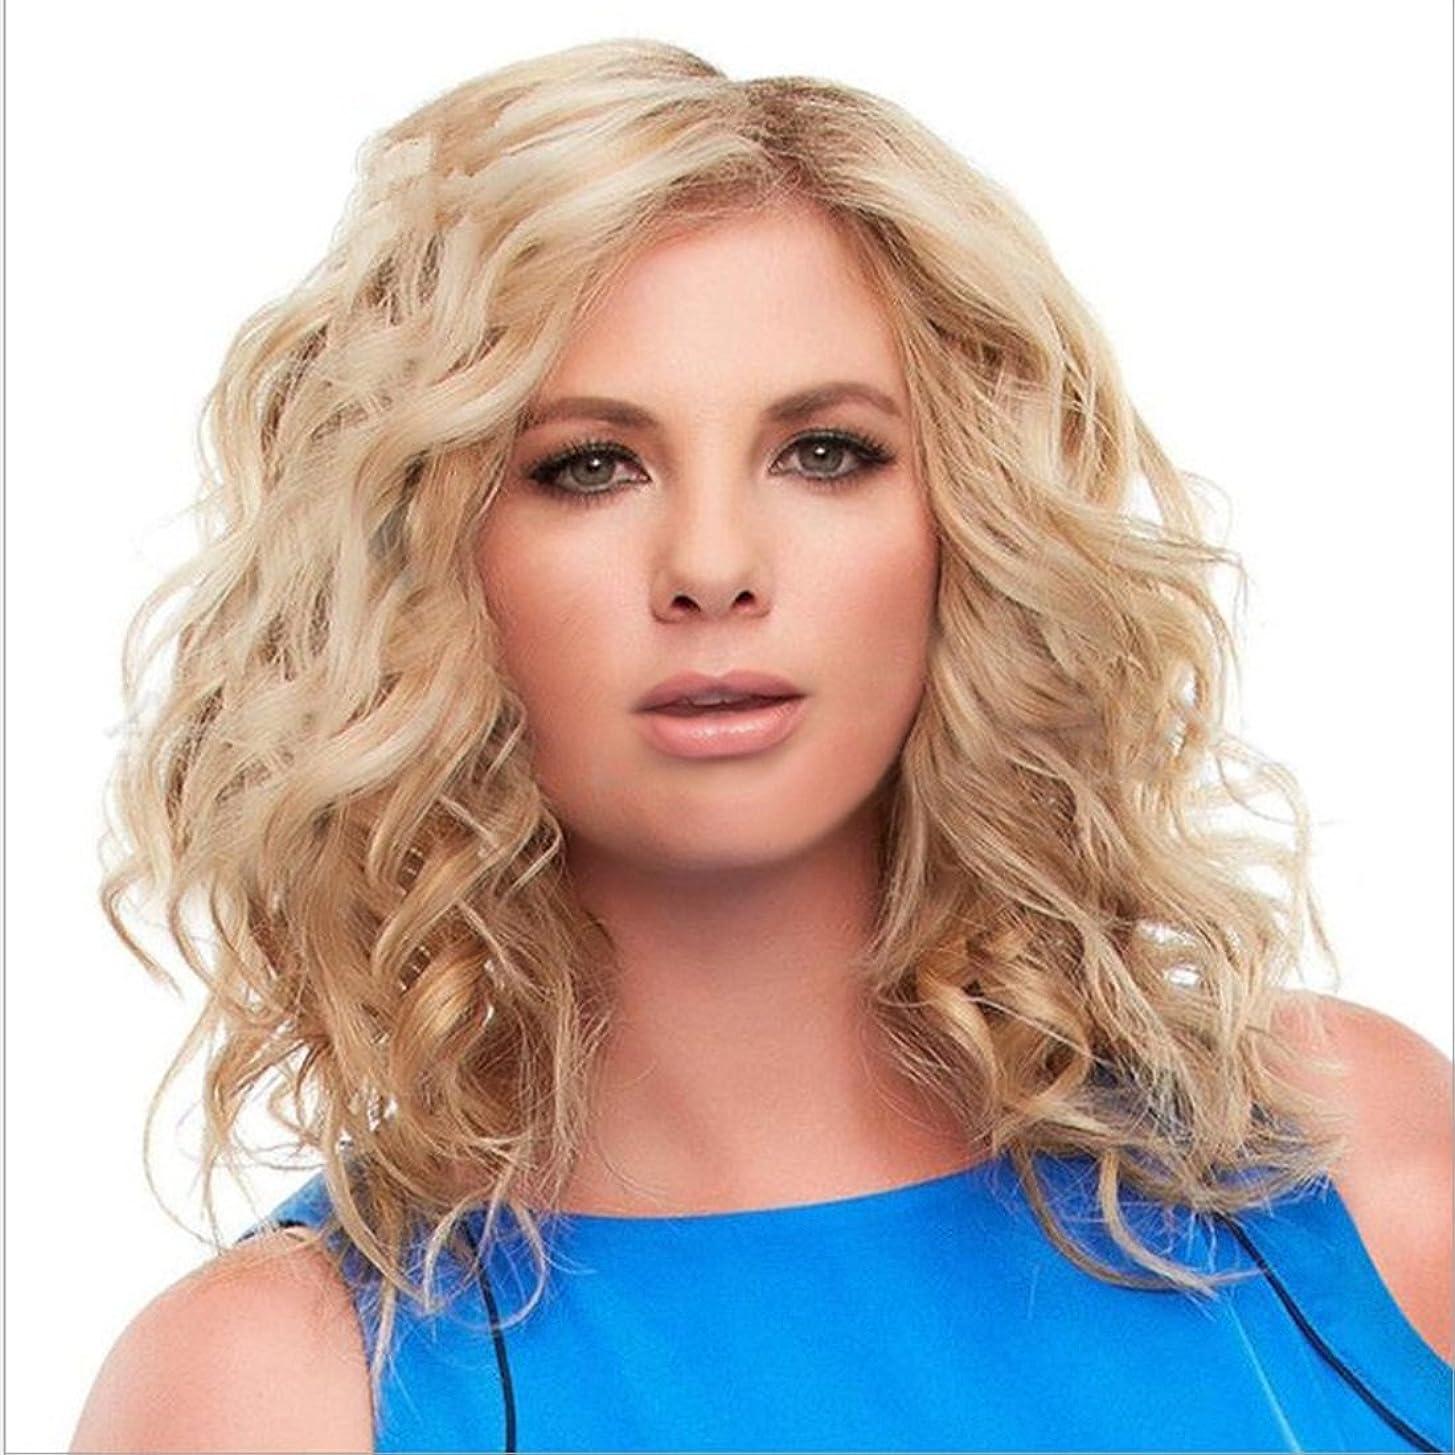 お誕生日誘惑するコンパスKoloeplf 化学繊維女性のウィッグ若々しい女性のための長いカーリーナチュラルカラーウィッグミドルバンズ毛の耐熱ウィッグ長さ65cm (Color : 金色)